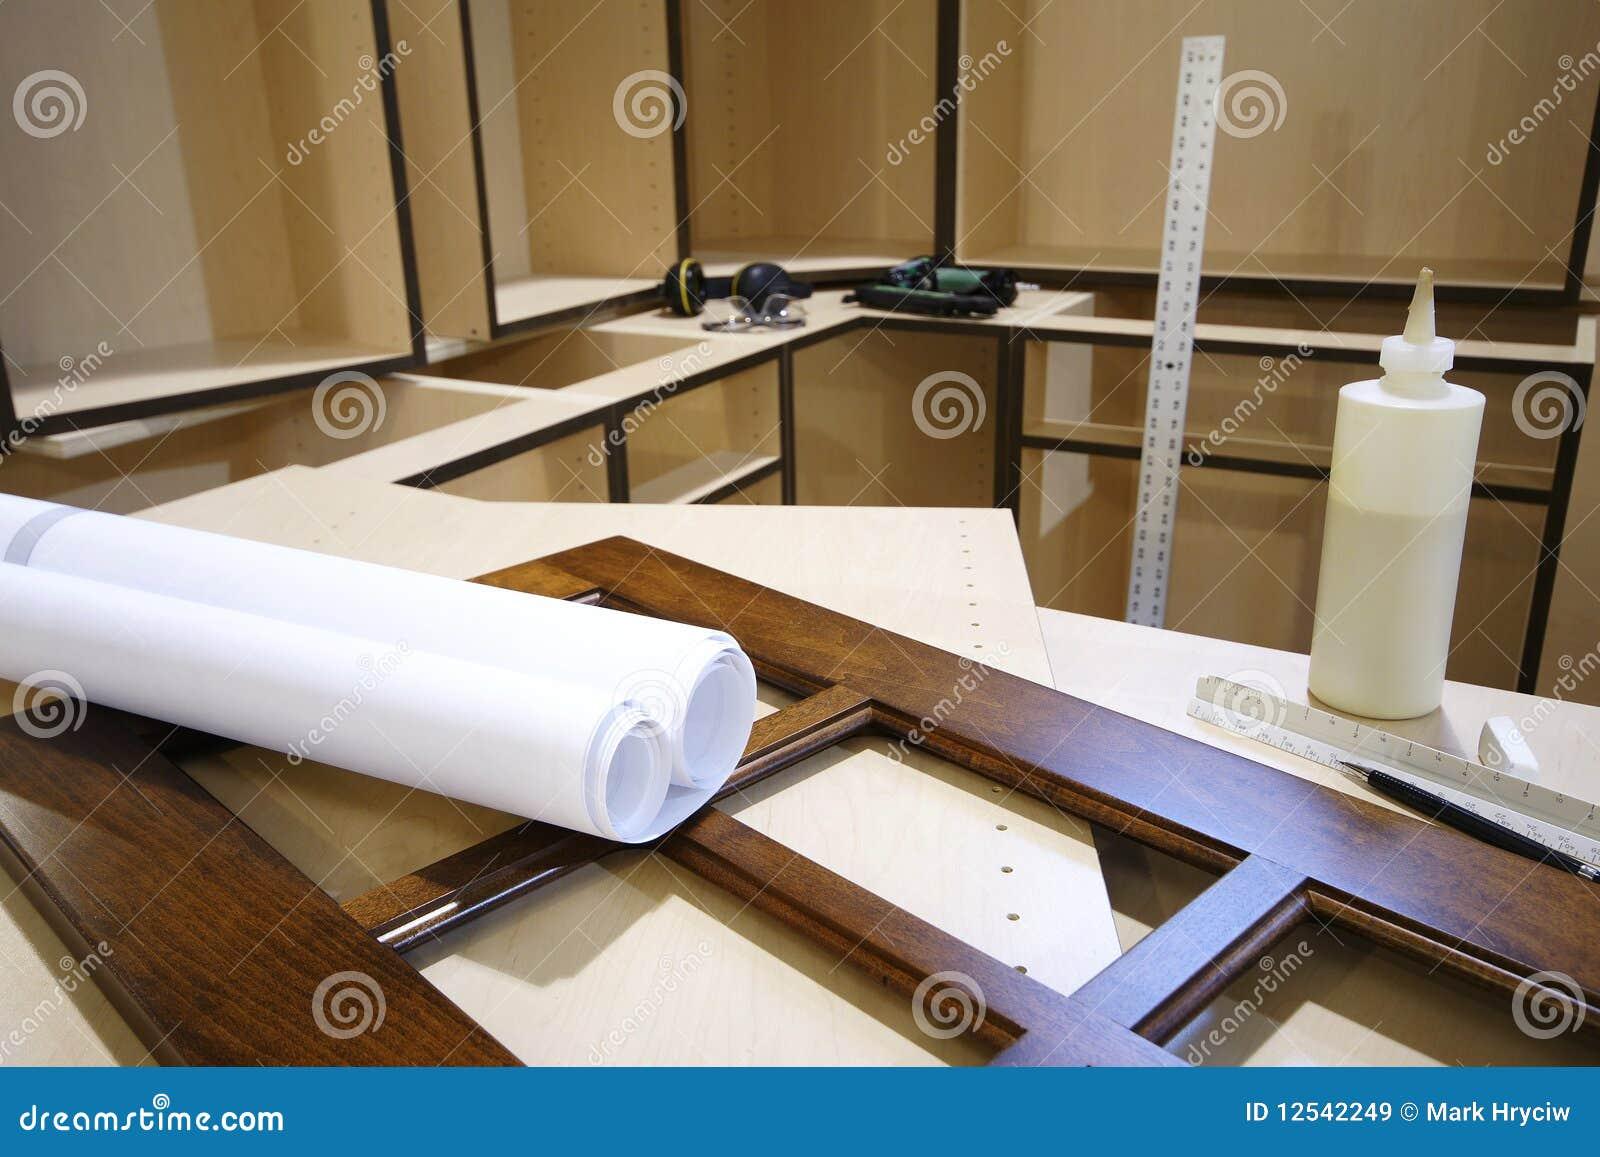 Kitchen Manufacturing Design